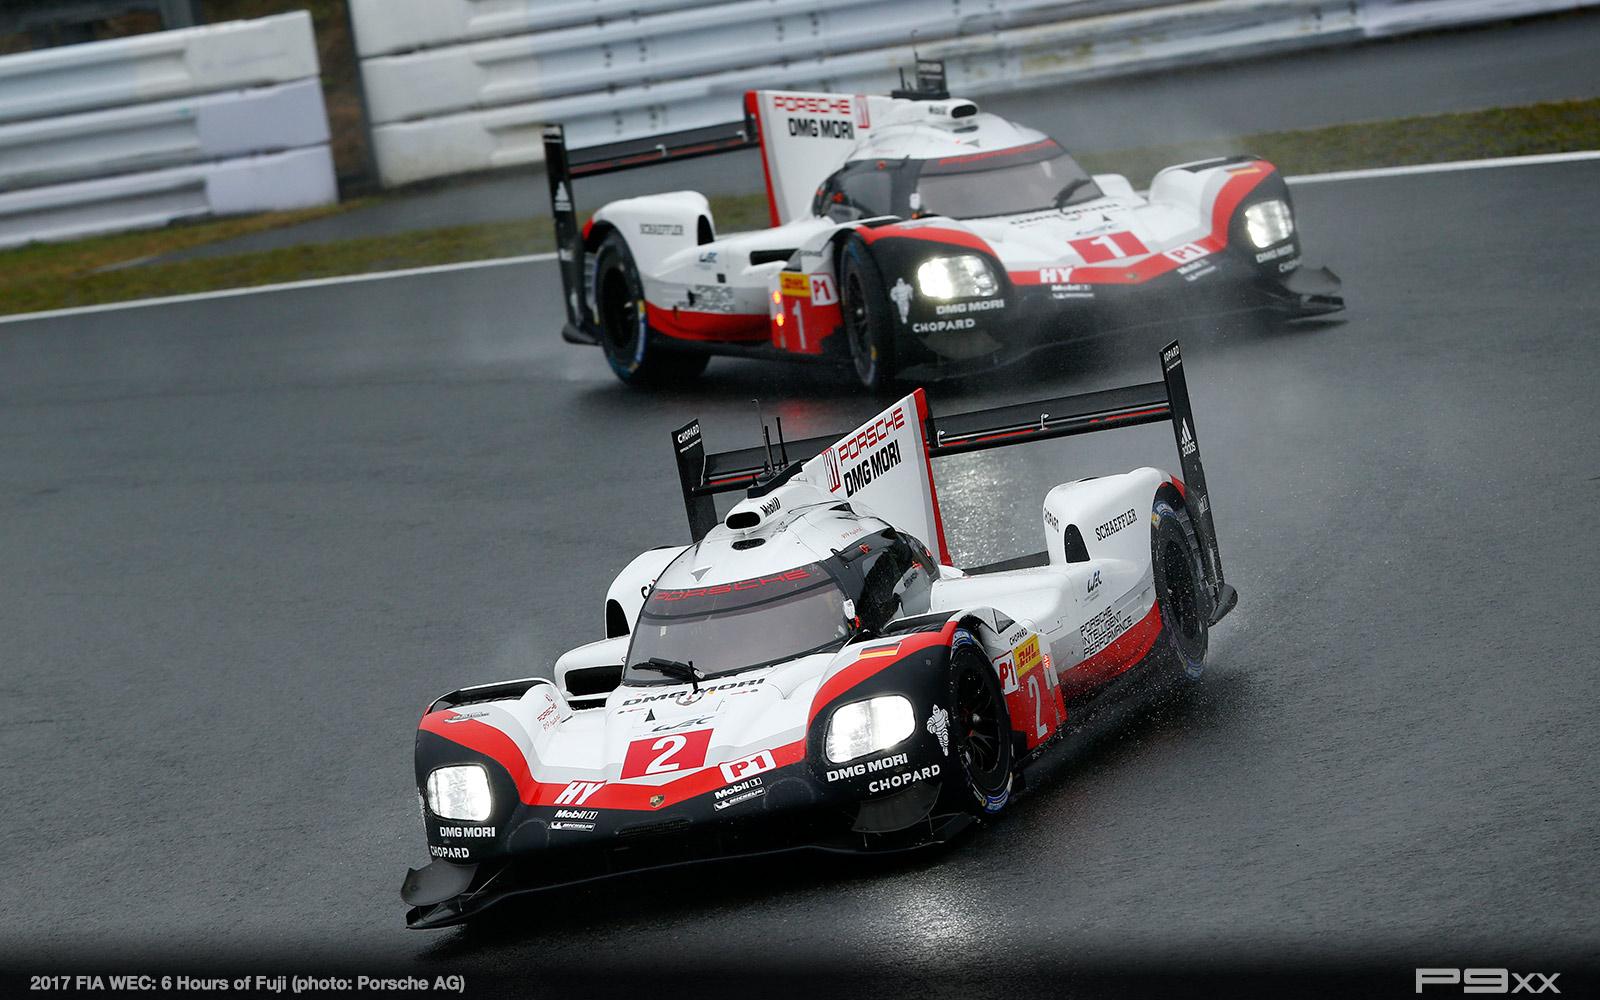 2017-FIA-WEC-6h-of-Fuji-Porsche-435